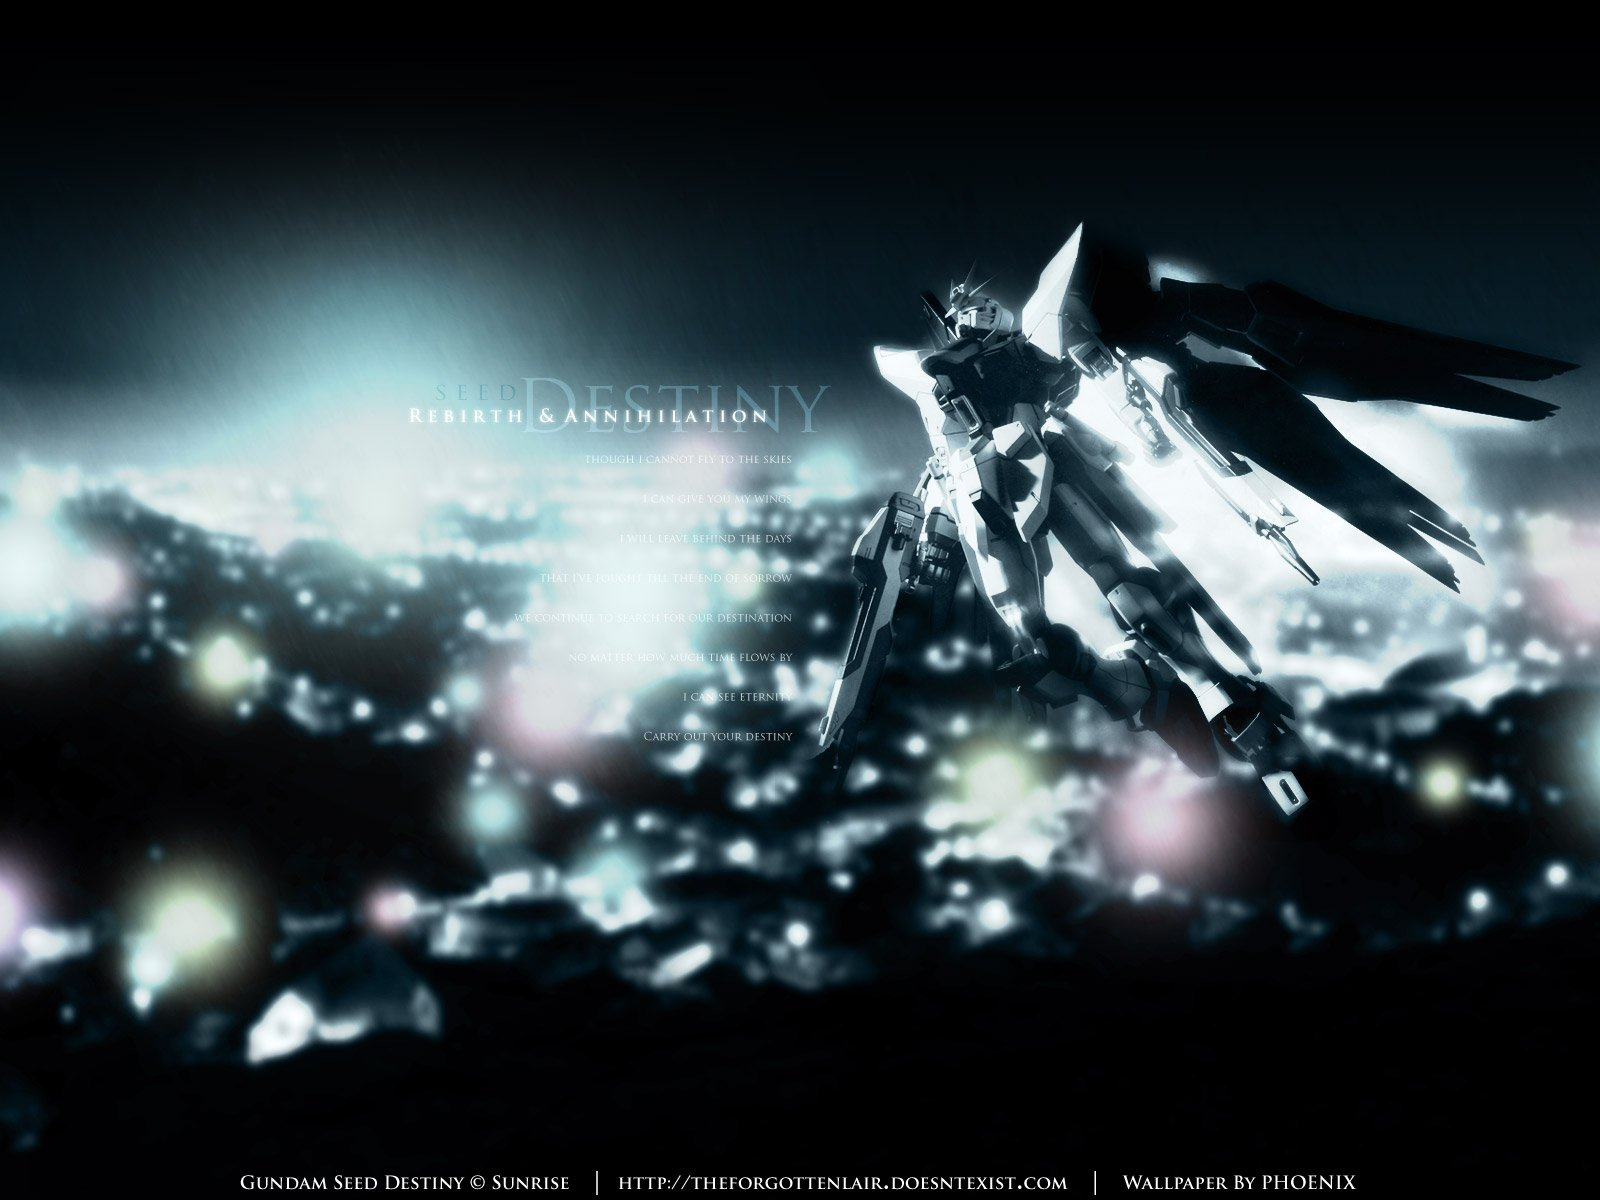 Description Destiny Gundam Wallpaper is a hi res Wallpaper for pc 1600x1200